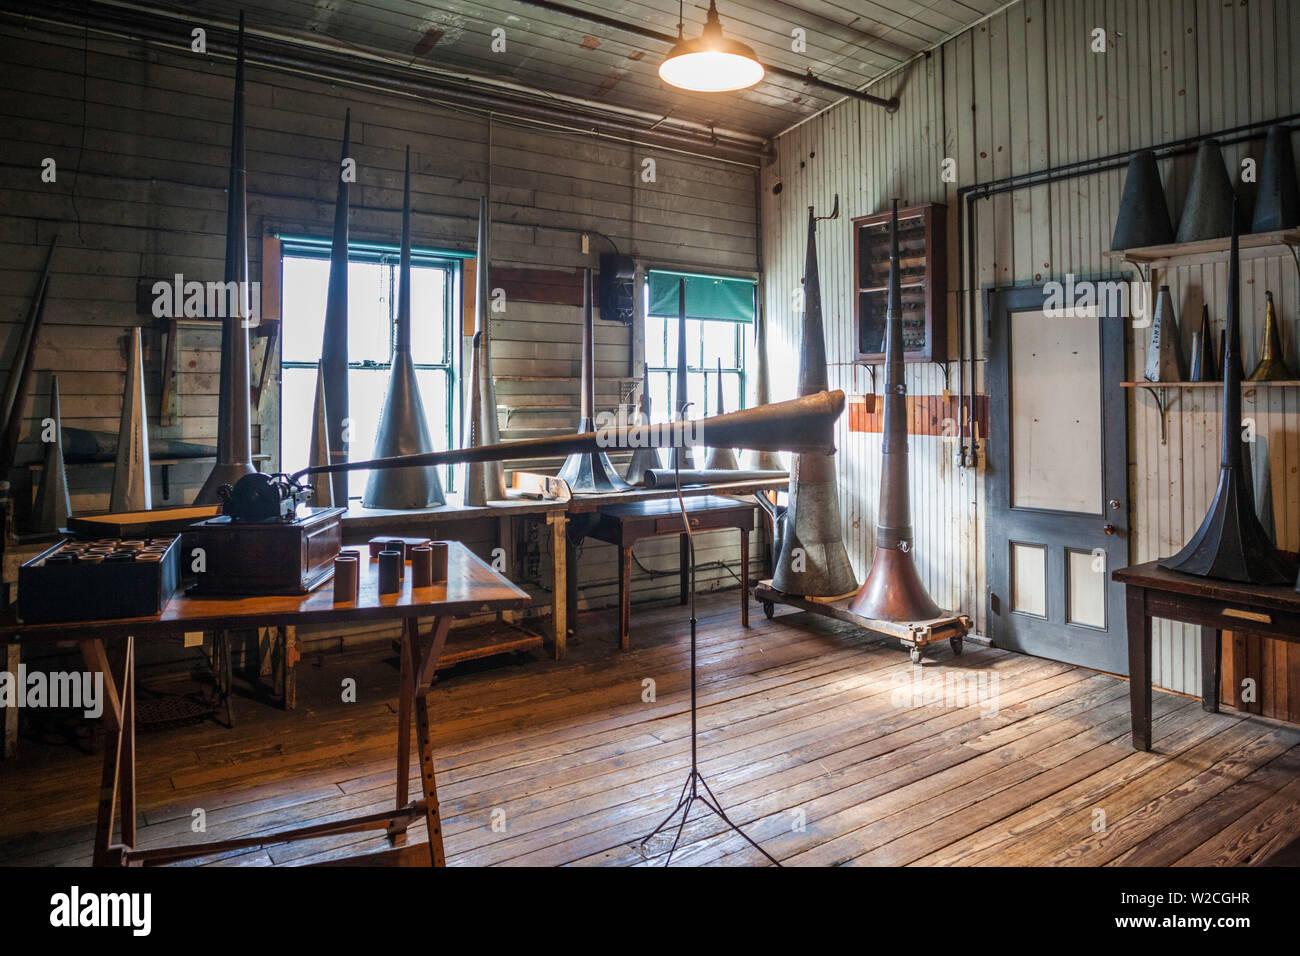 USA, New Jersey, West Orange, Thomas Edison National Historical Park, Interieur, Prototyp-Hörner für frühen Spieler von Tonträgern Stockfoto